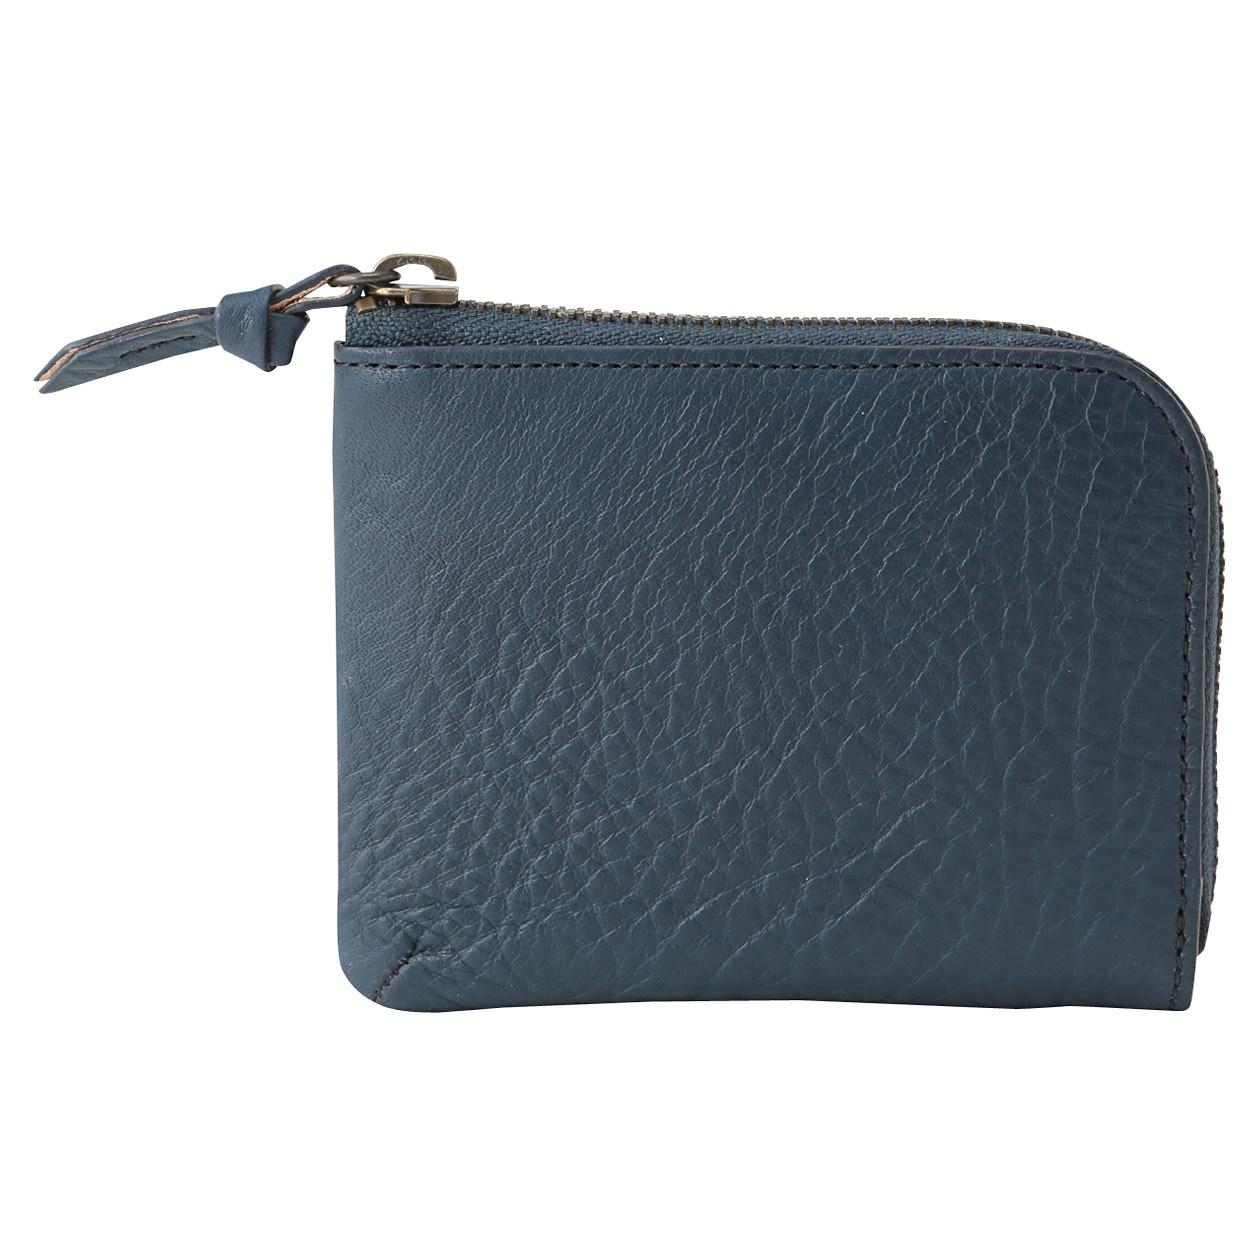 皺摺滑革L型拉鍊卡片零錢包 深藍 | 無印良品